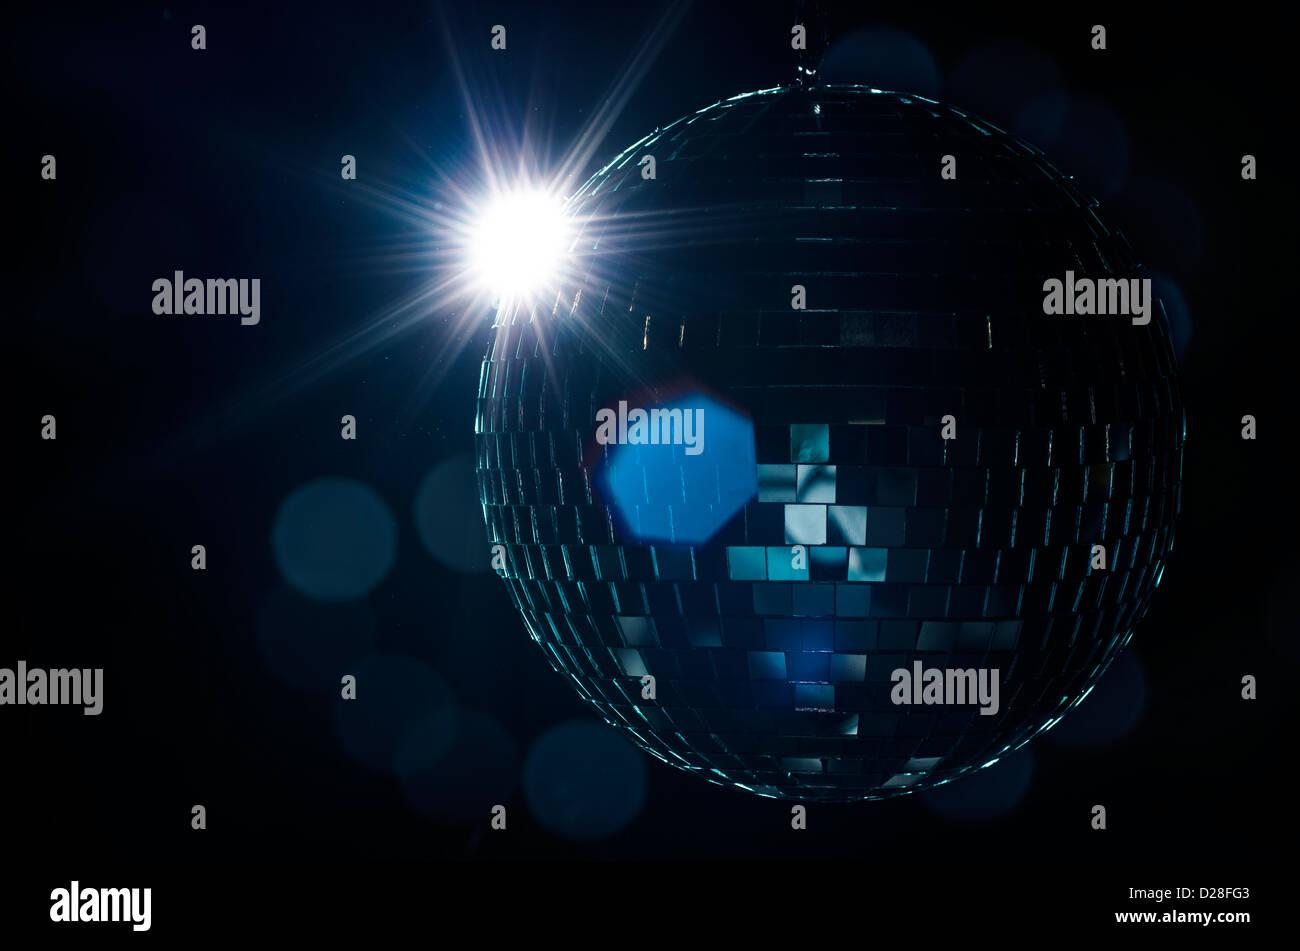 Una palla da discoteca con leggeri riflessi e luci sfocate sullo sfondo. Una vita notturna immagine per essere usato Immagini Stock